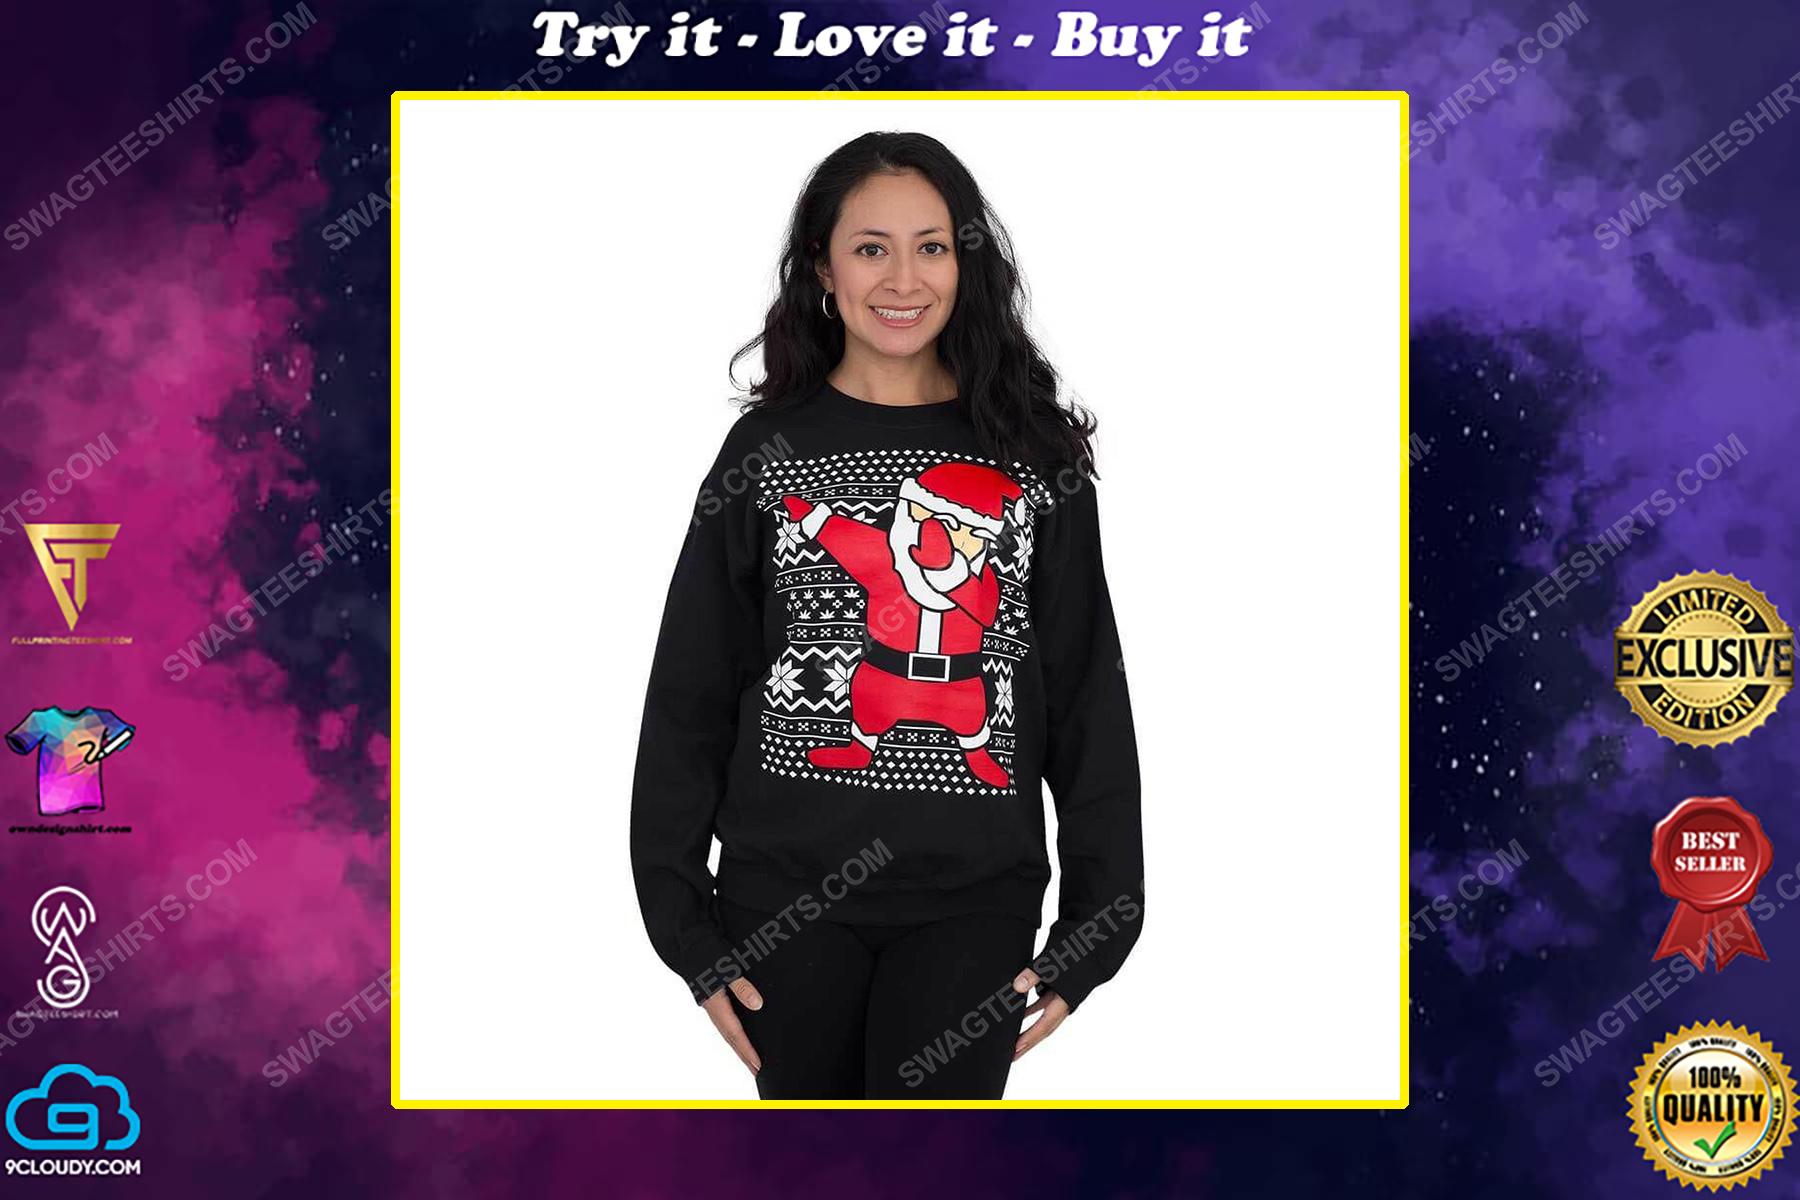 Dabbing santa claus full print ugly christmas sweater